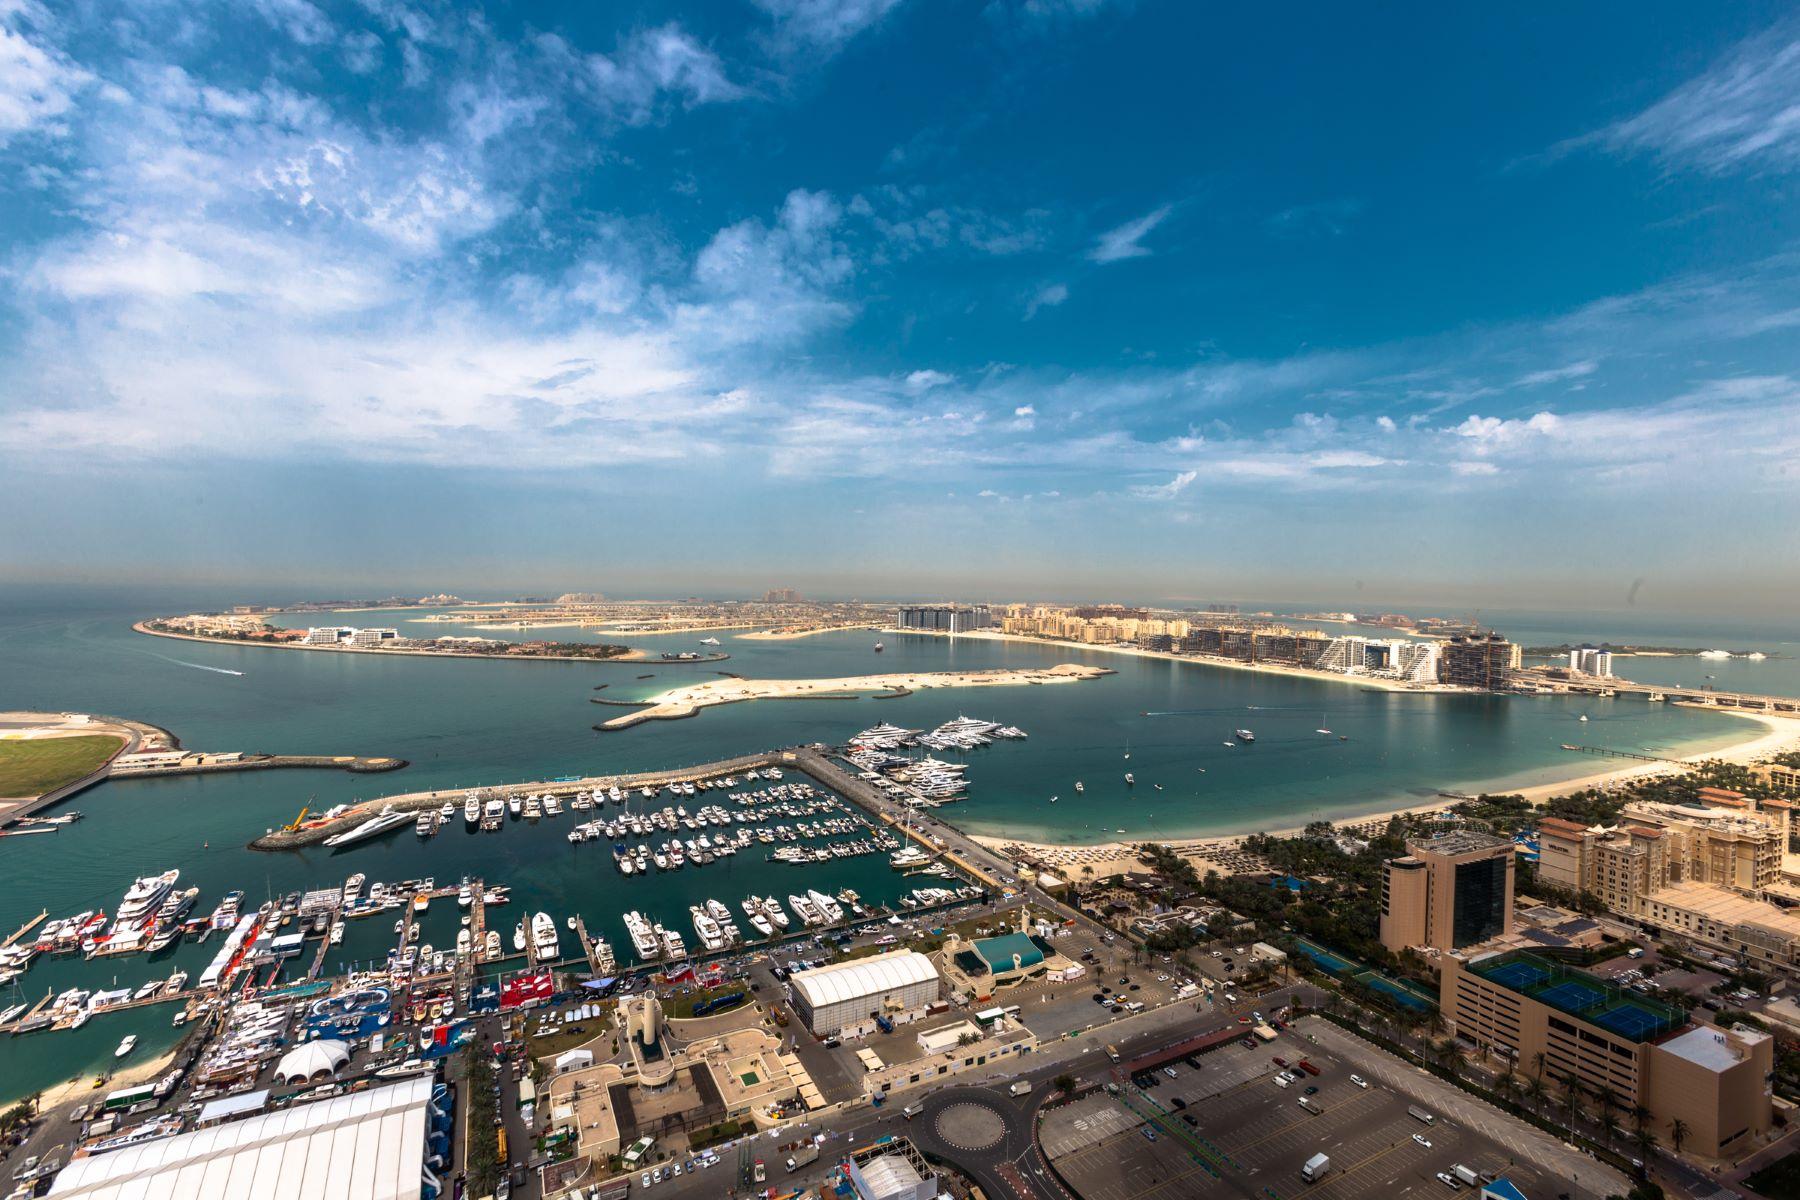 Квартира для того Продажа на Emirates Crown Dubai Marina, Dubai, Объединенные Арабские Эмираты